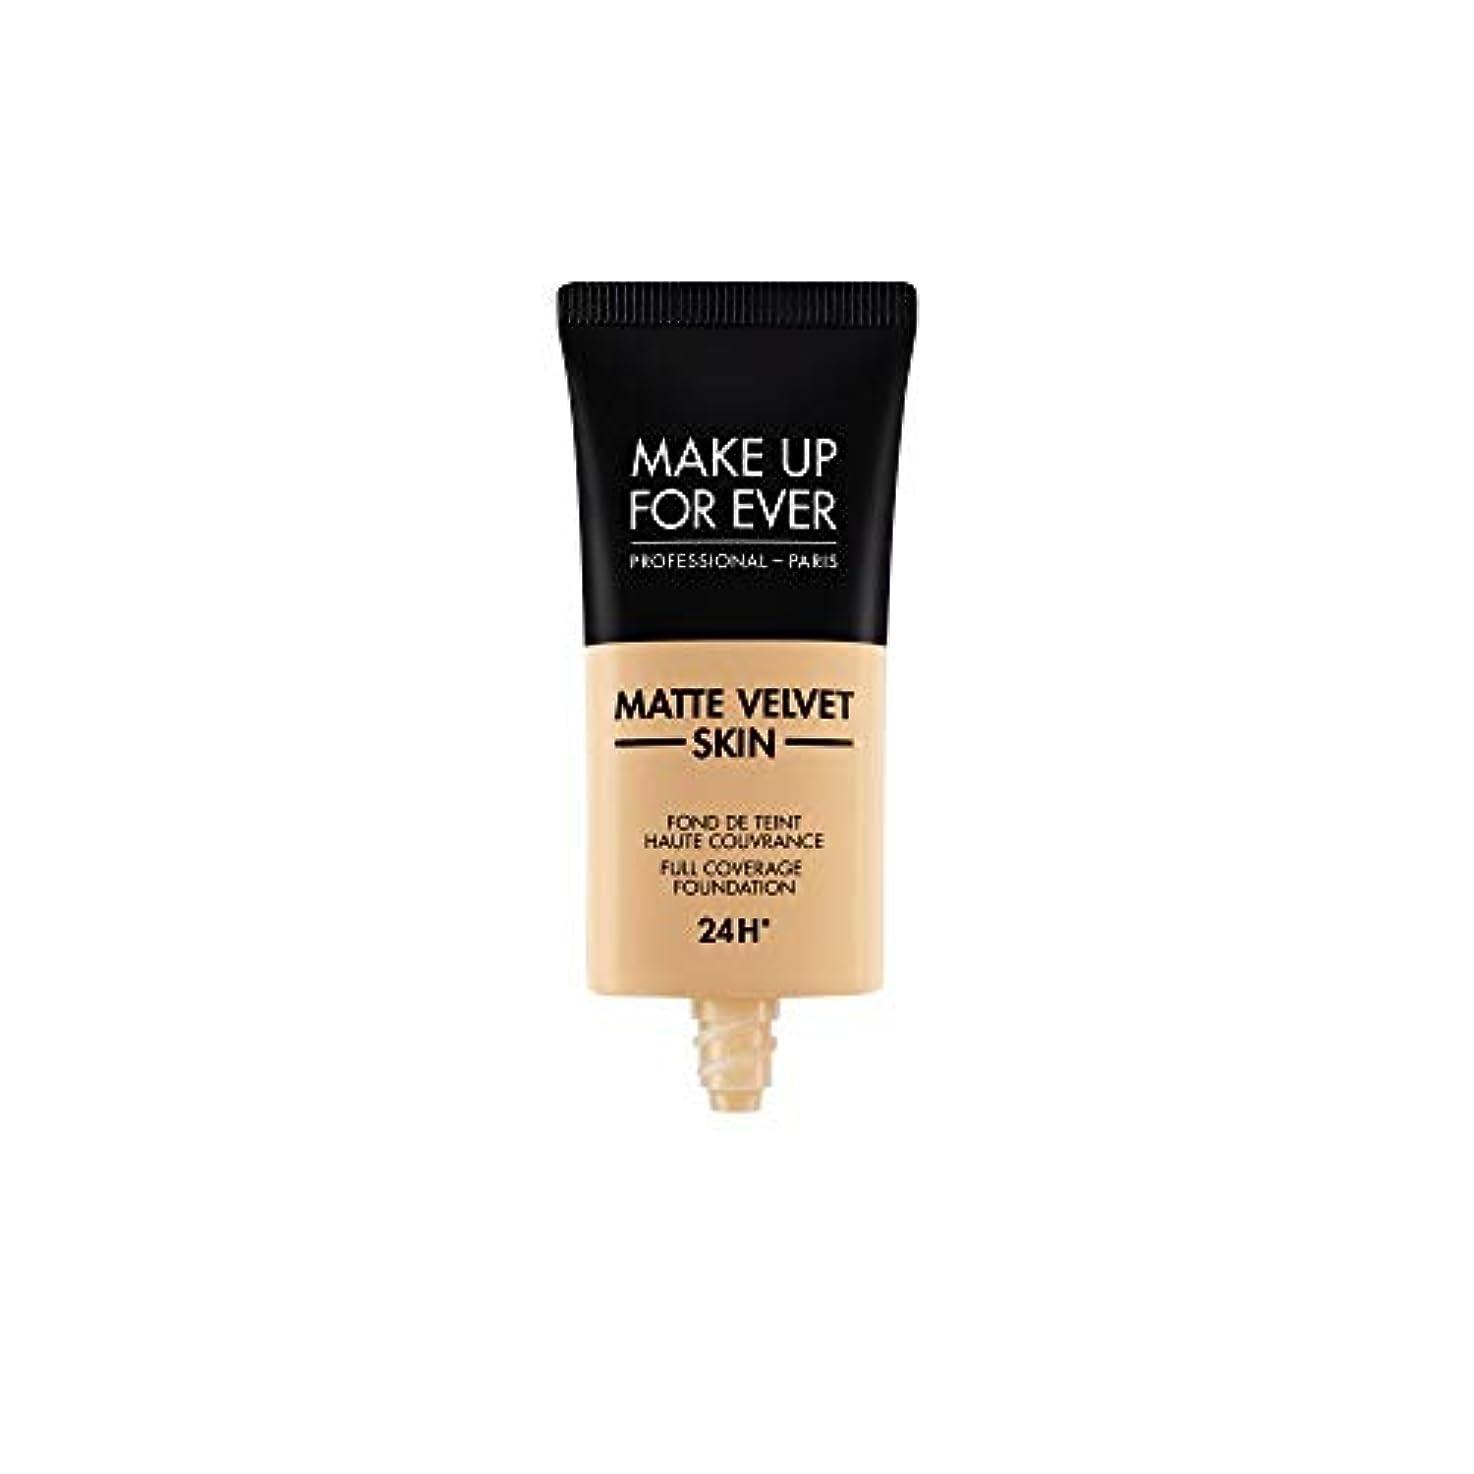 素晴らしきジョットディボンドンまた明日ねメイクアップフォーエバー Matte Velvet Skin Full Coverage Foundation - # Y335 (Dark Sand) 30ml/1oz並行輸入品